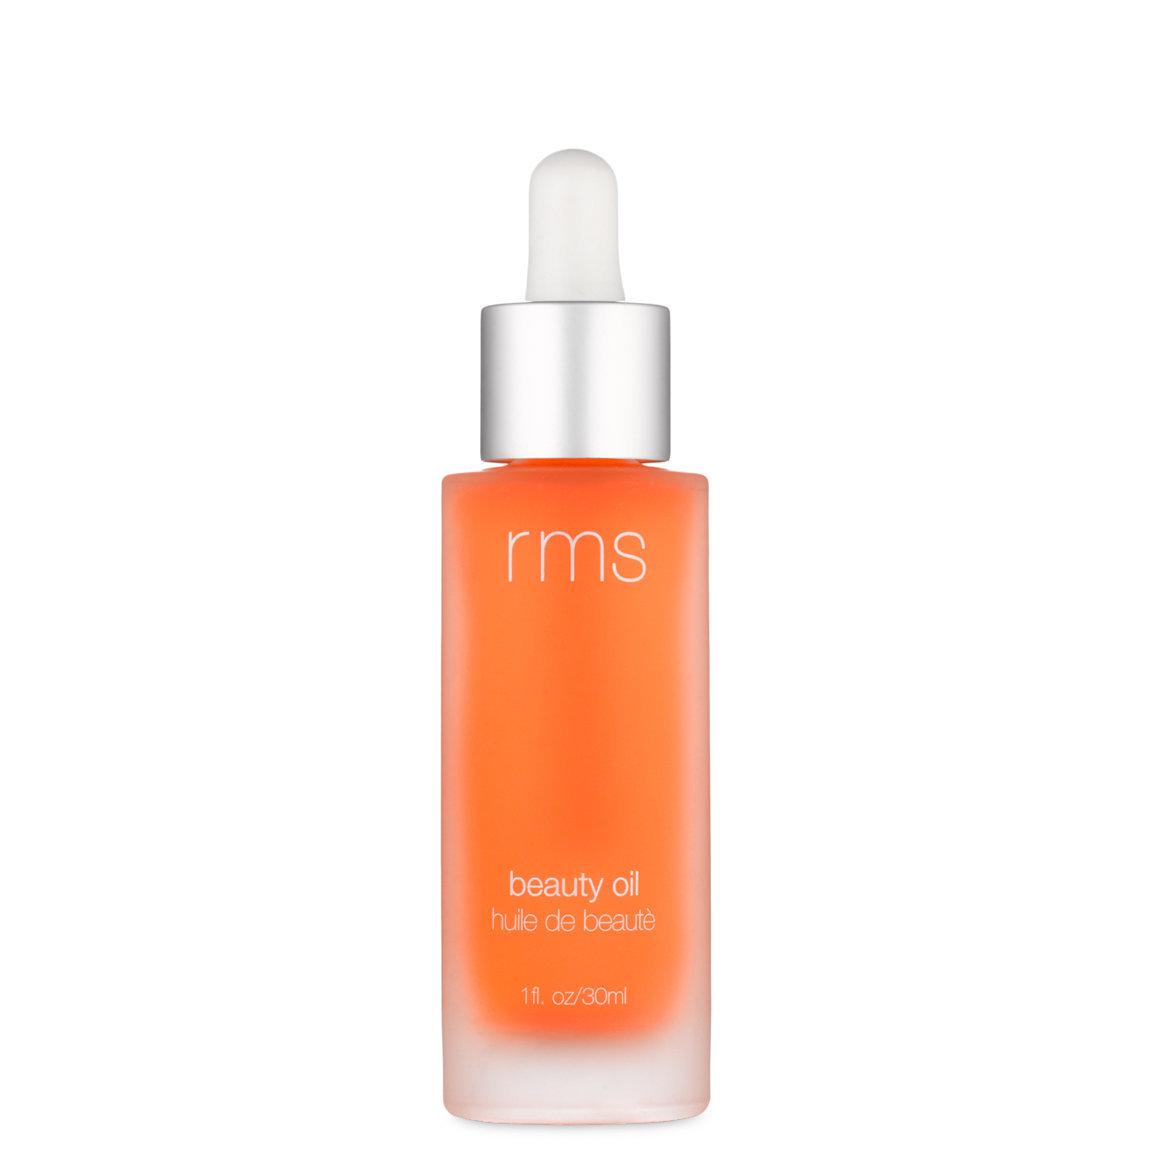 rms beauty Beauty Oil 30 ml alternative view 1.